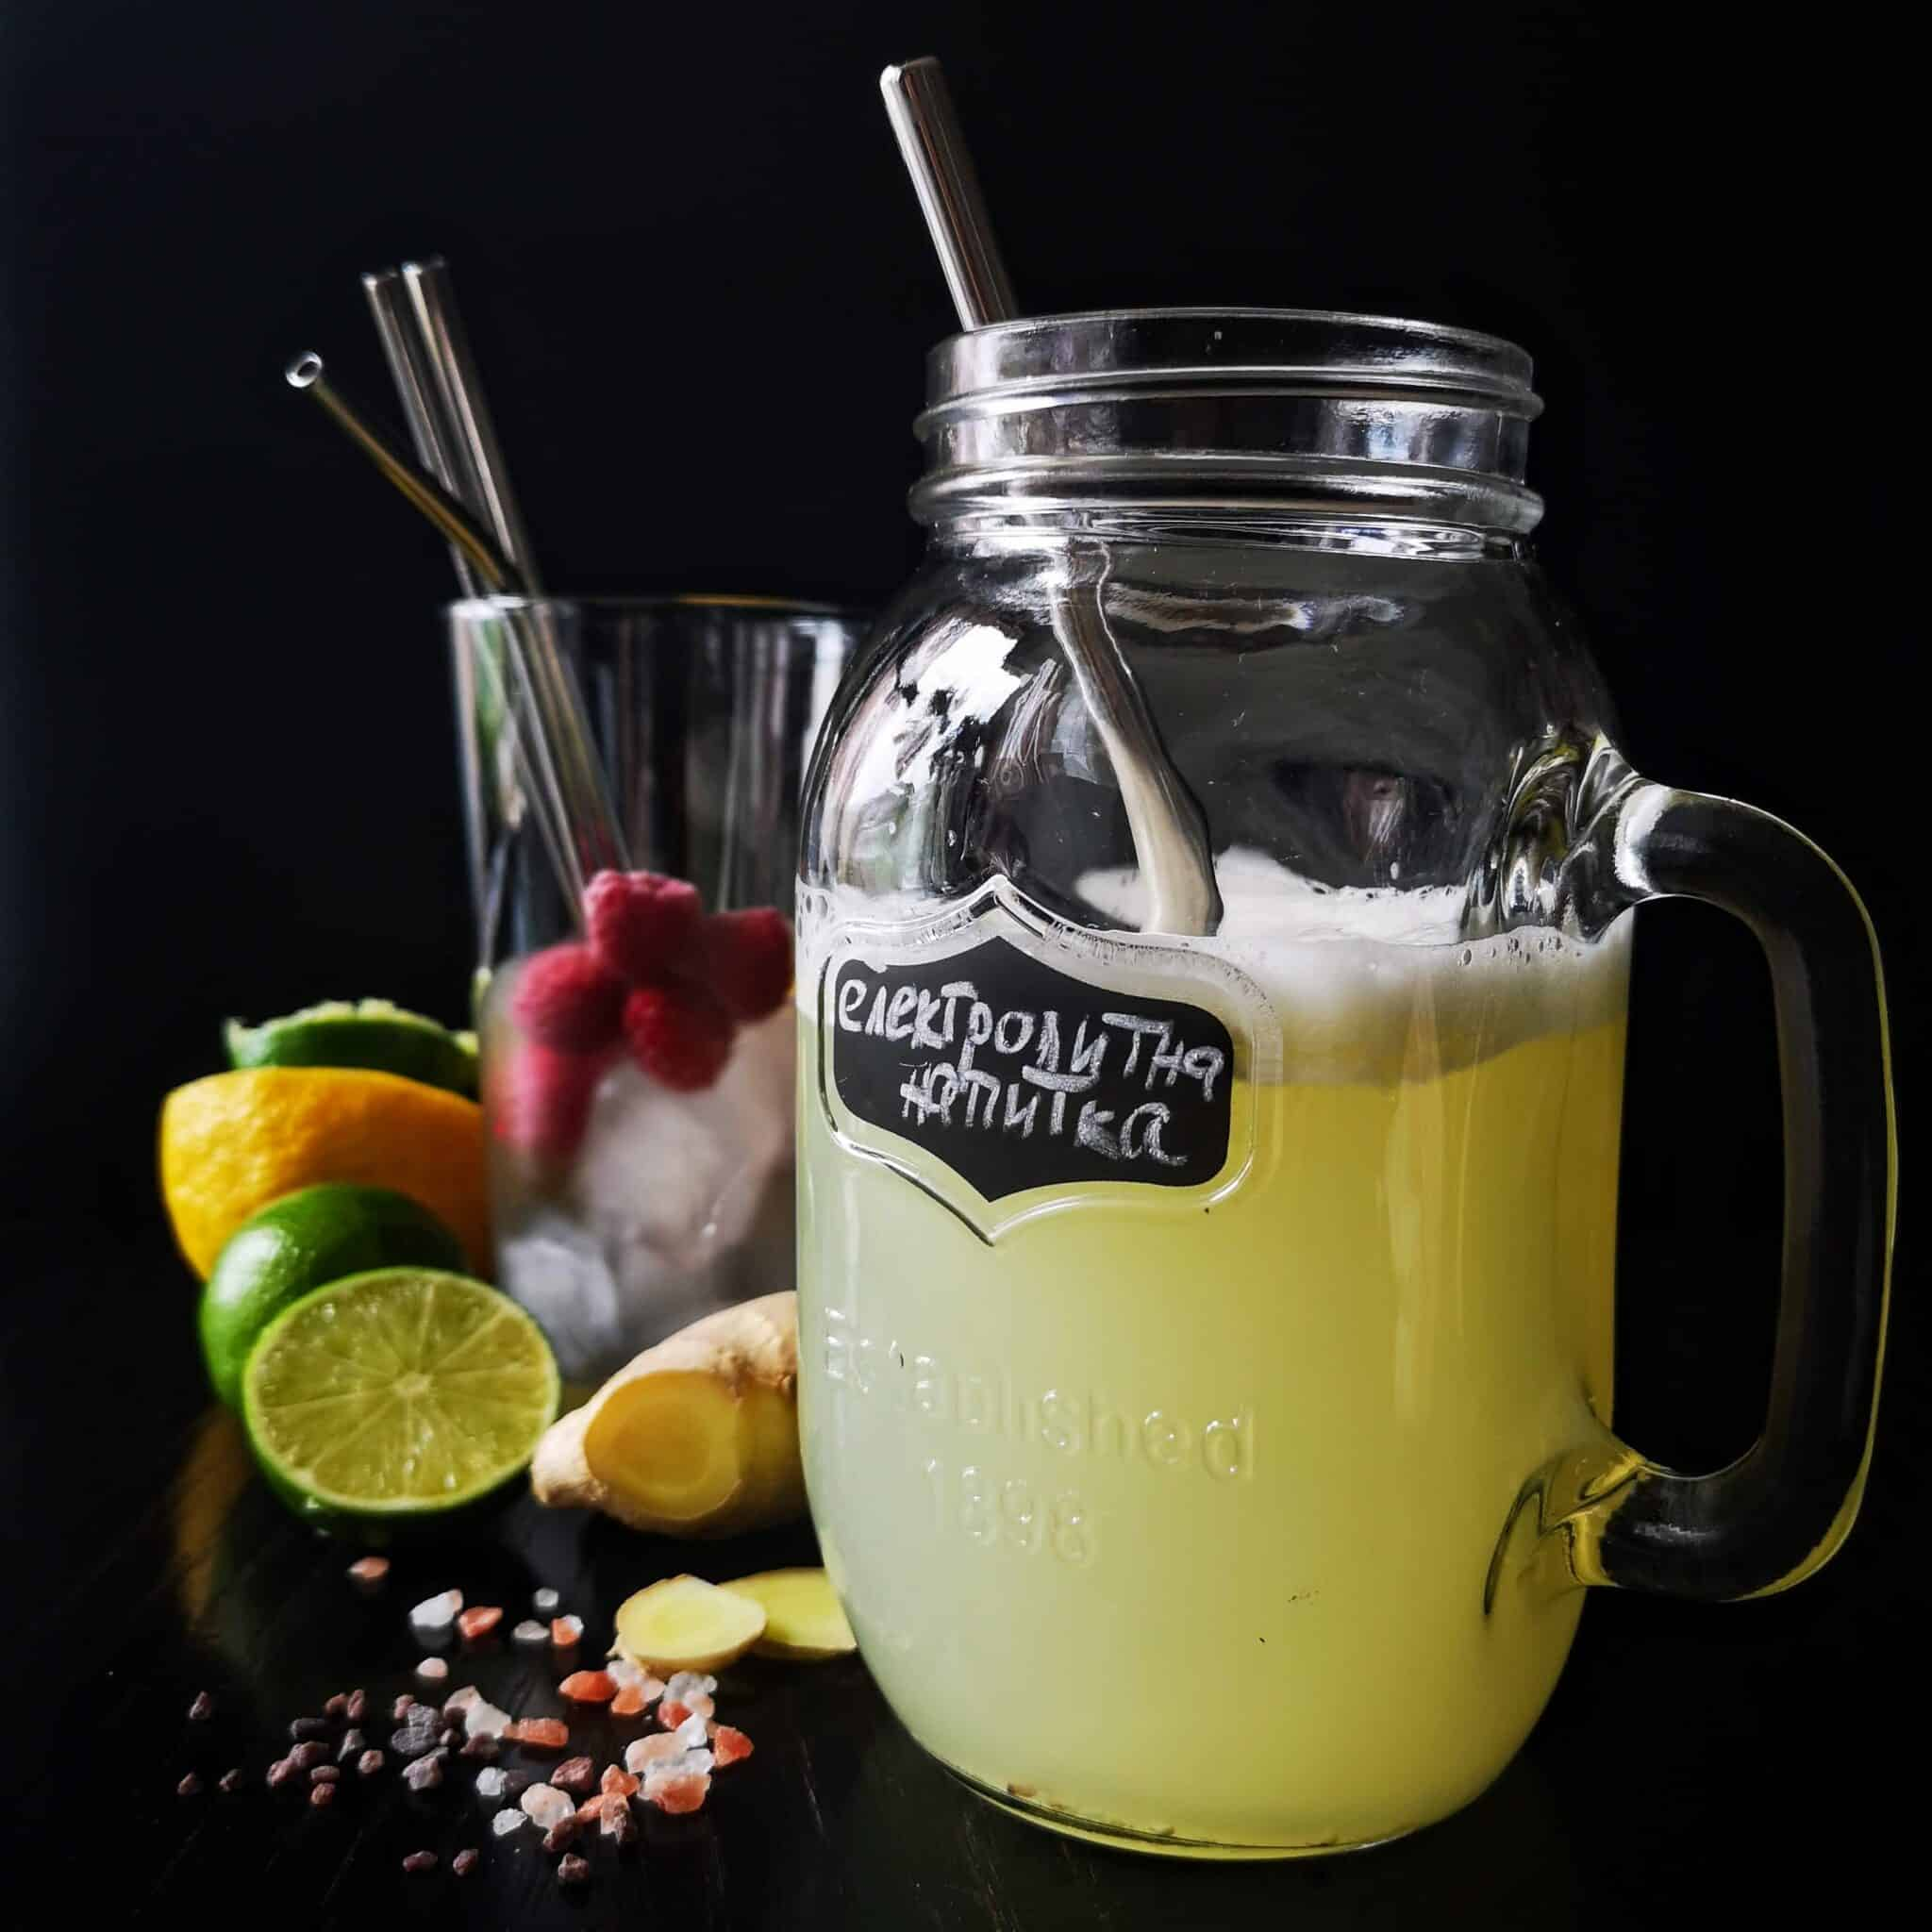 Електролитна напитка